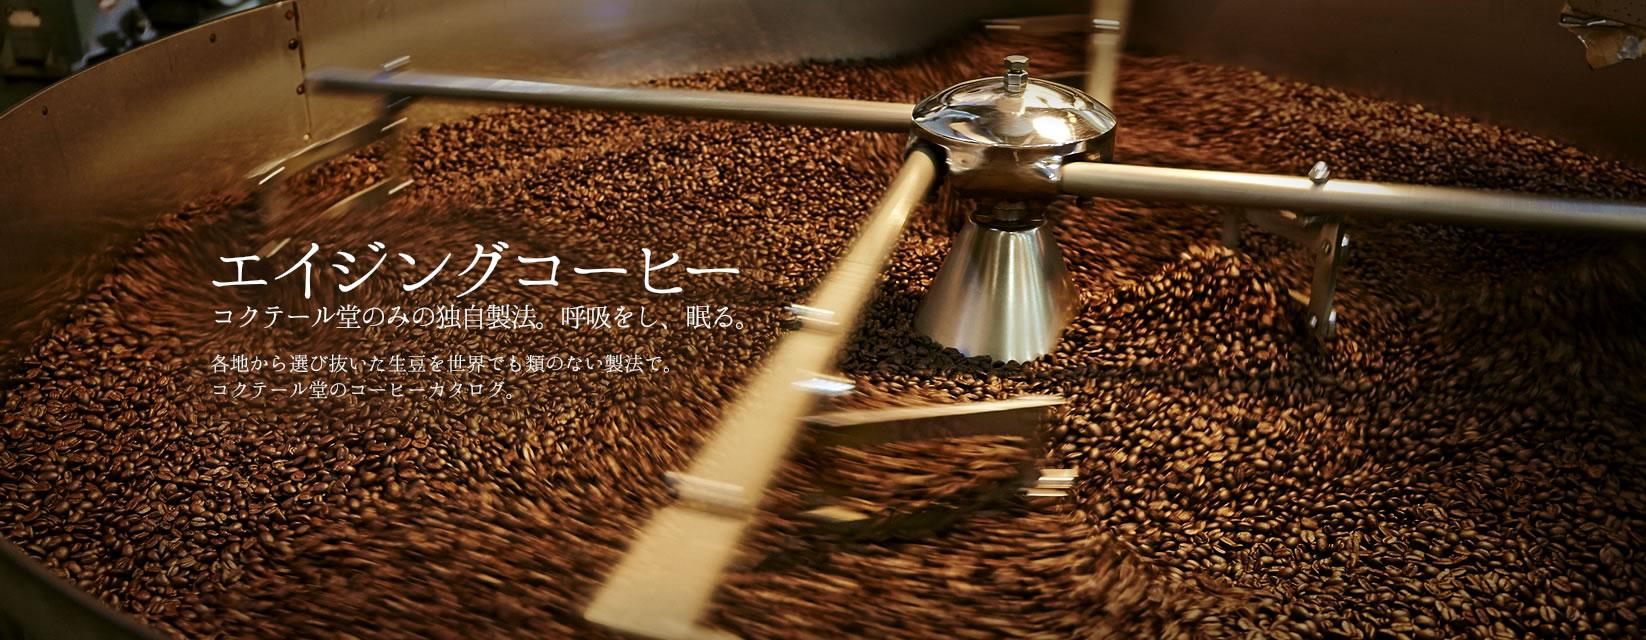 長く深い眠りがコーヒーを贅沢な味わいに。数十ヶ月の成熟を経た、甘く芳醇なコーヒーがコクテル堂のエイジングコーヒーです。